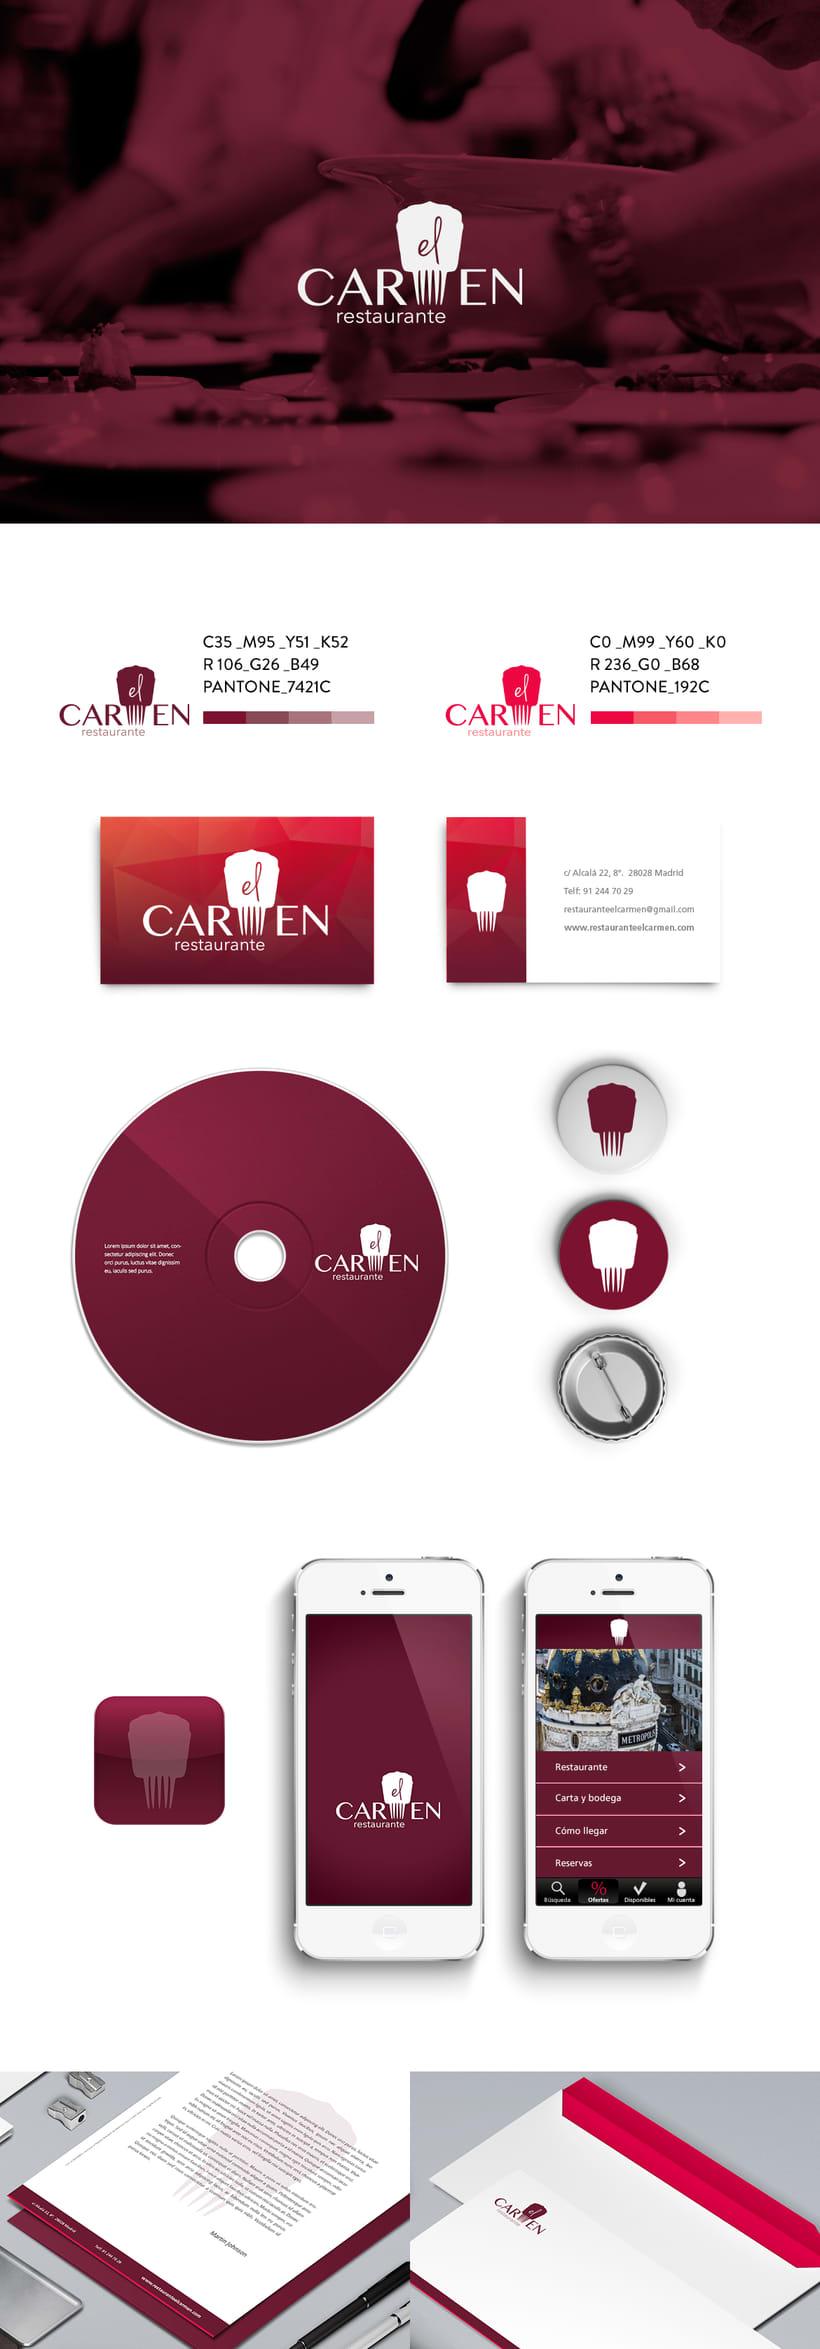 """Identidad Corporativa y website responsive """"El Carmen"""" (restaurante) 0"""